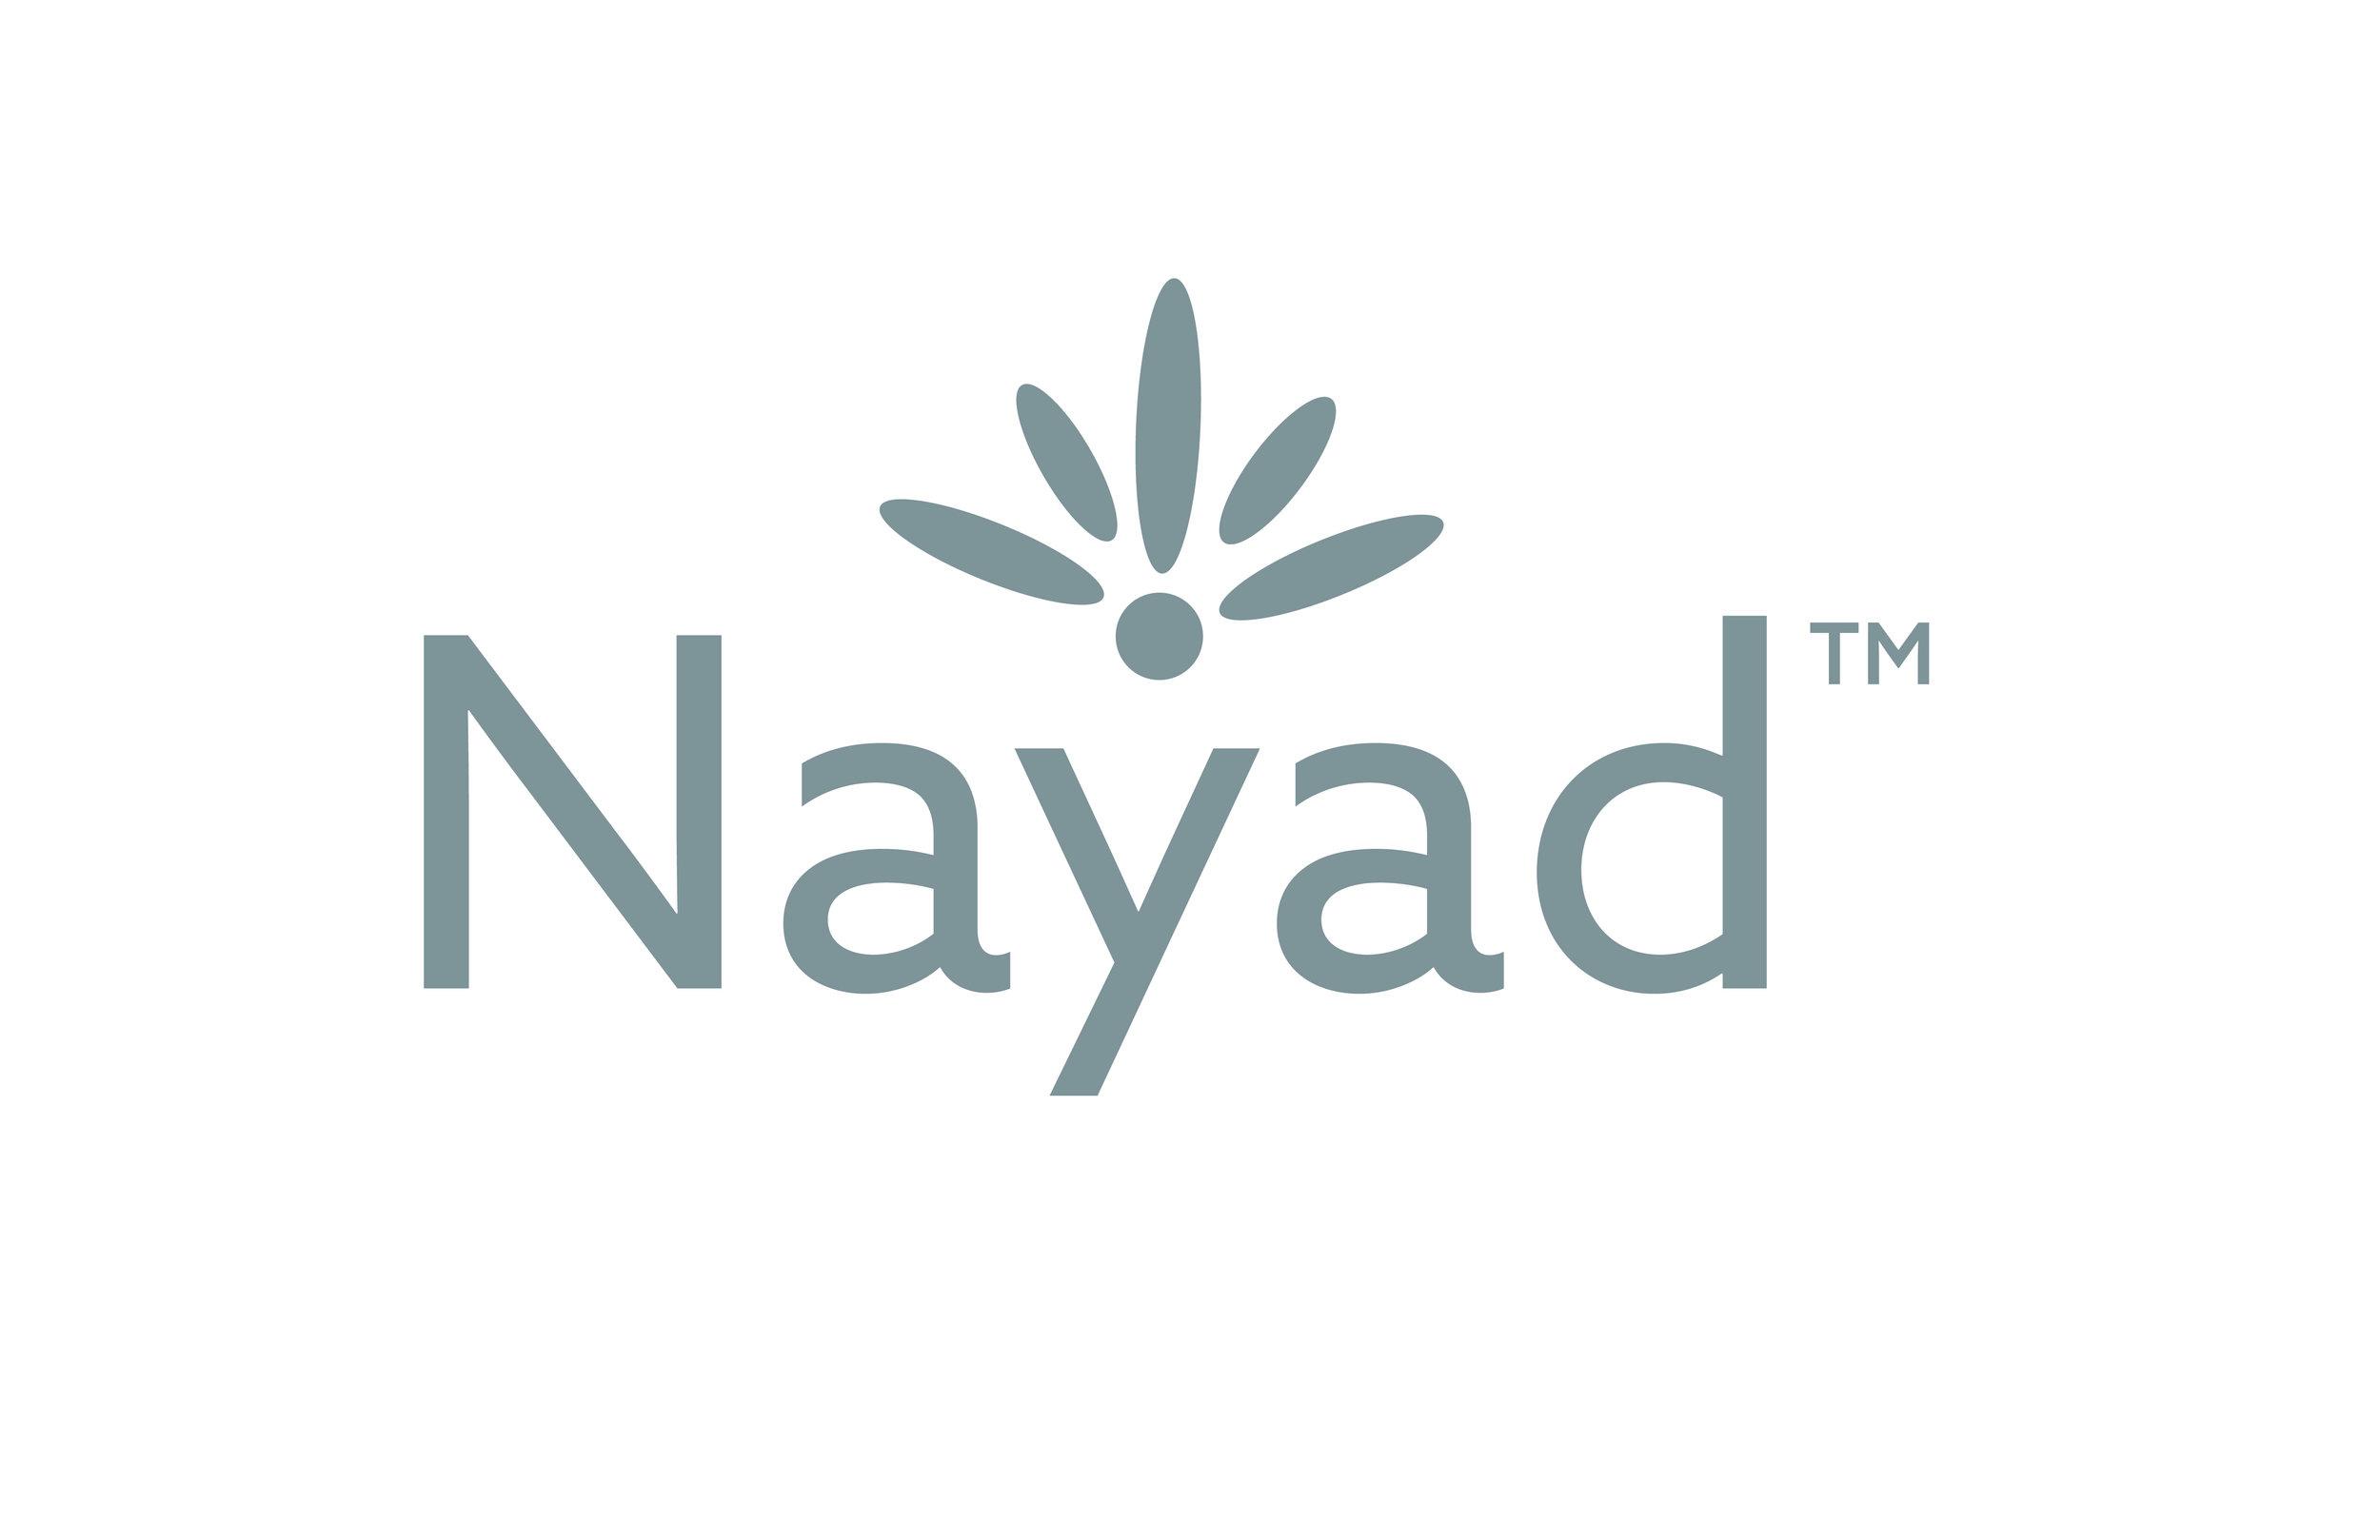 Nayad_lockup_logo-01.jpg